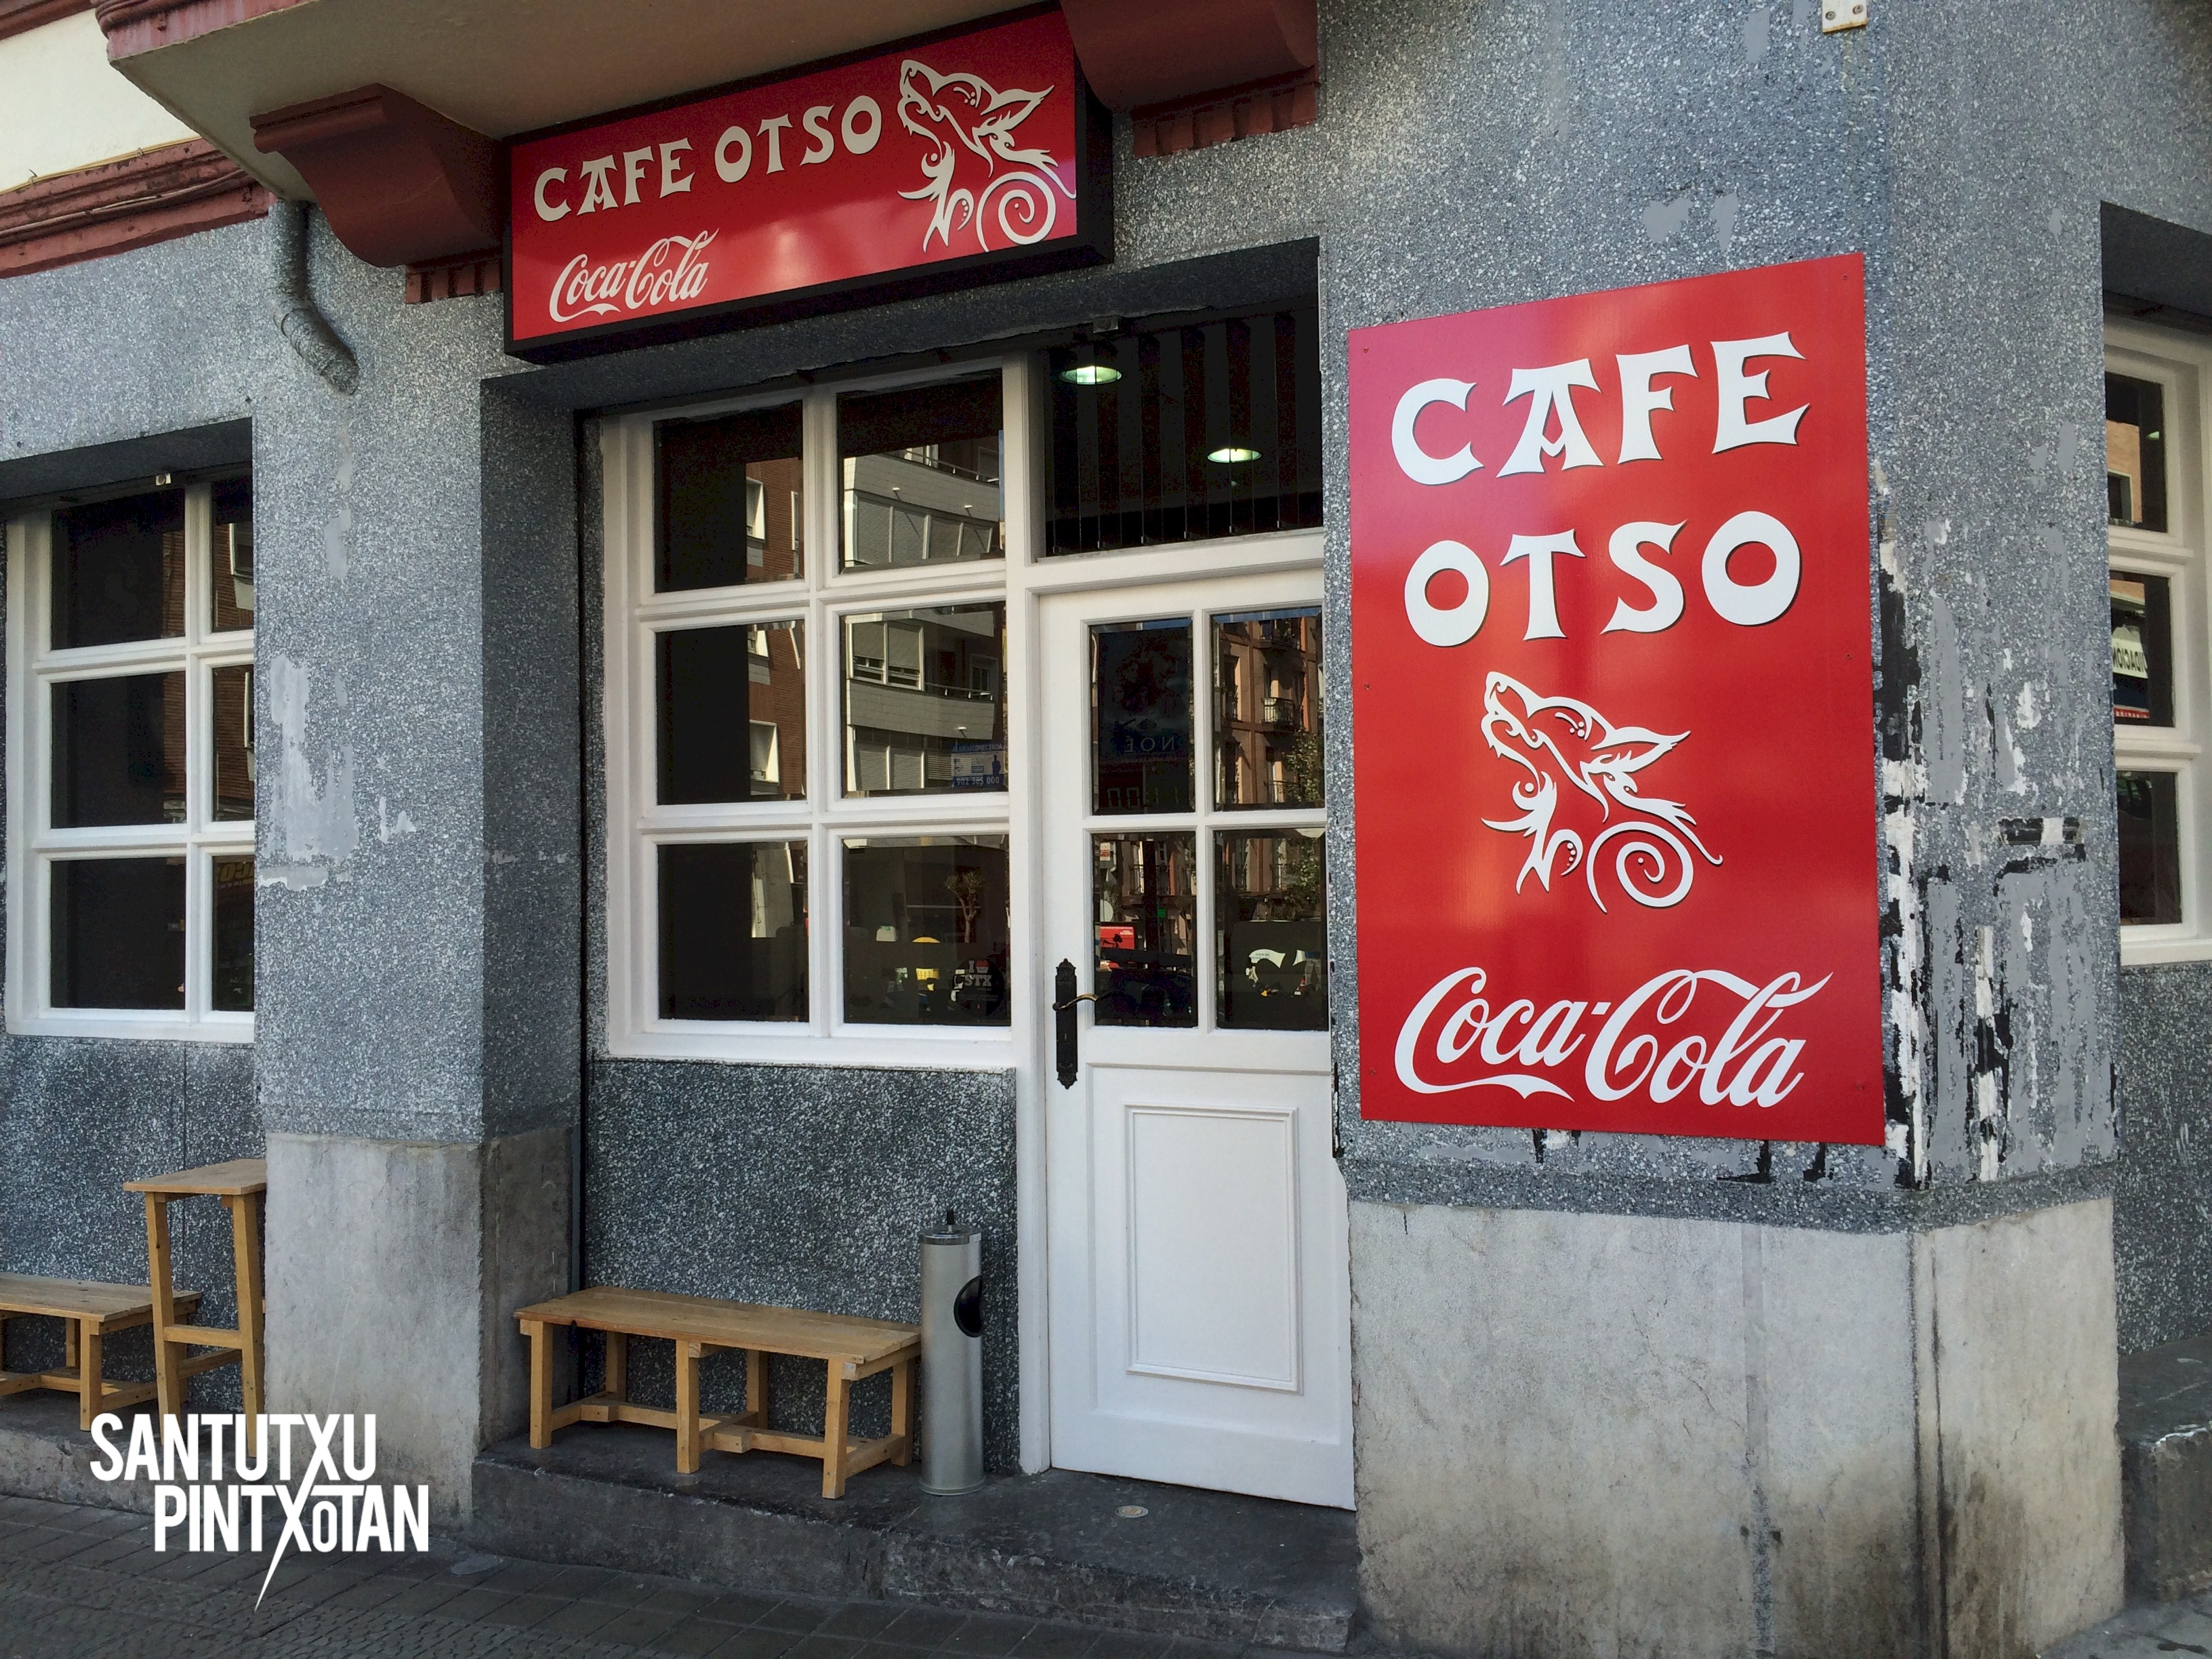 Café Otso - Santutxu pintxotan